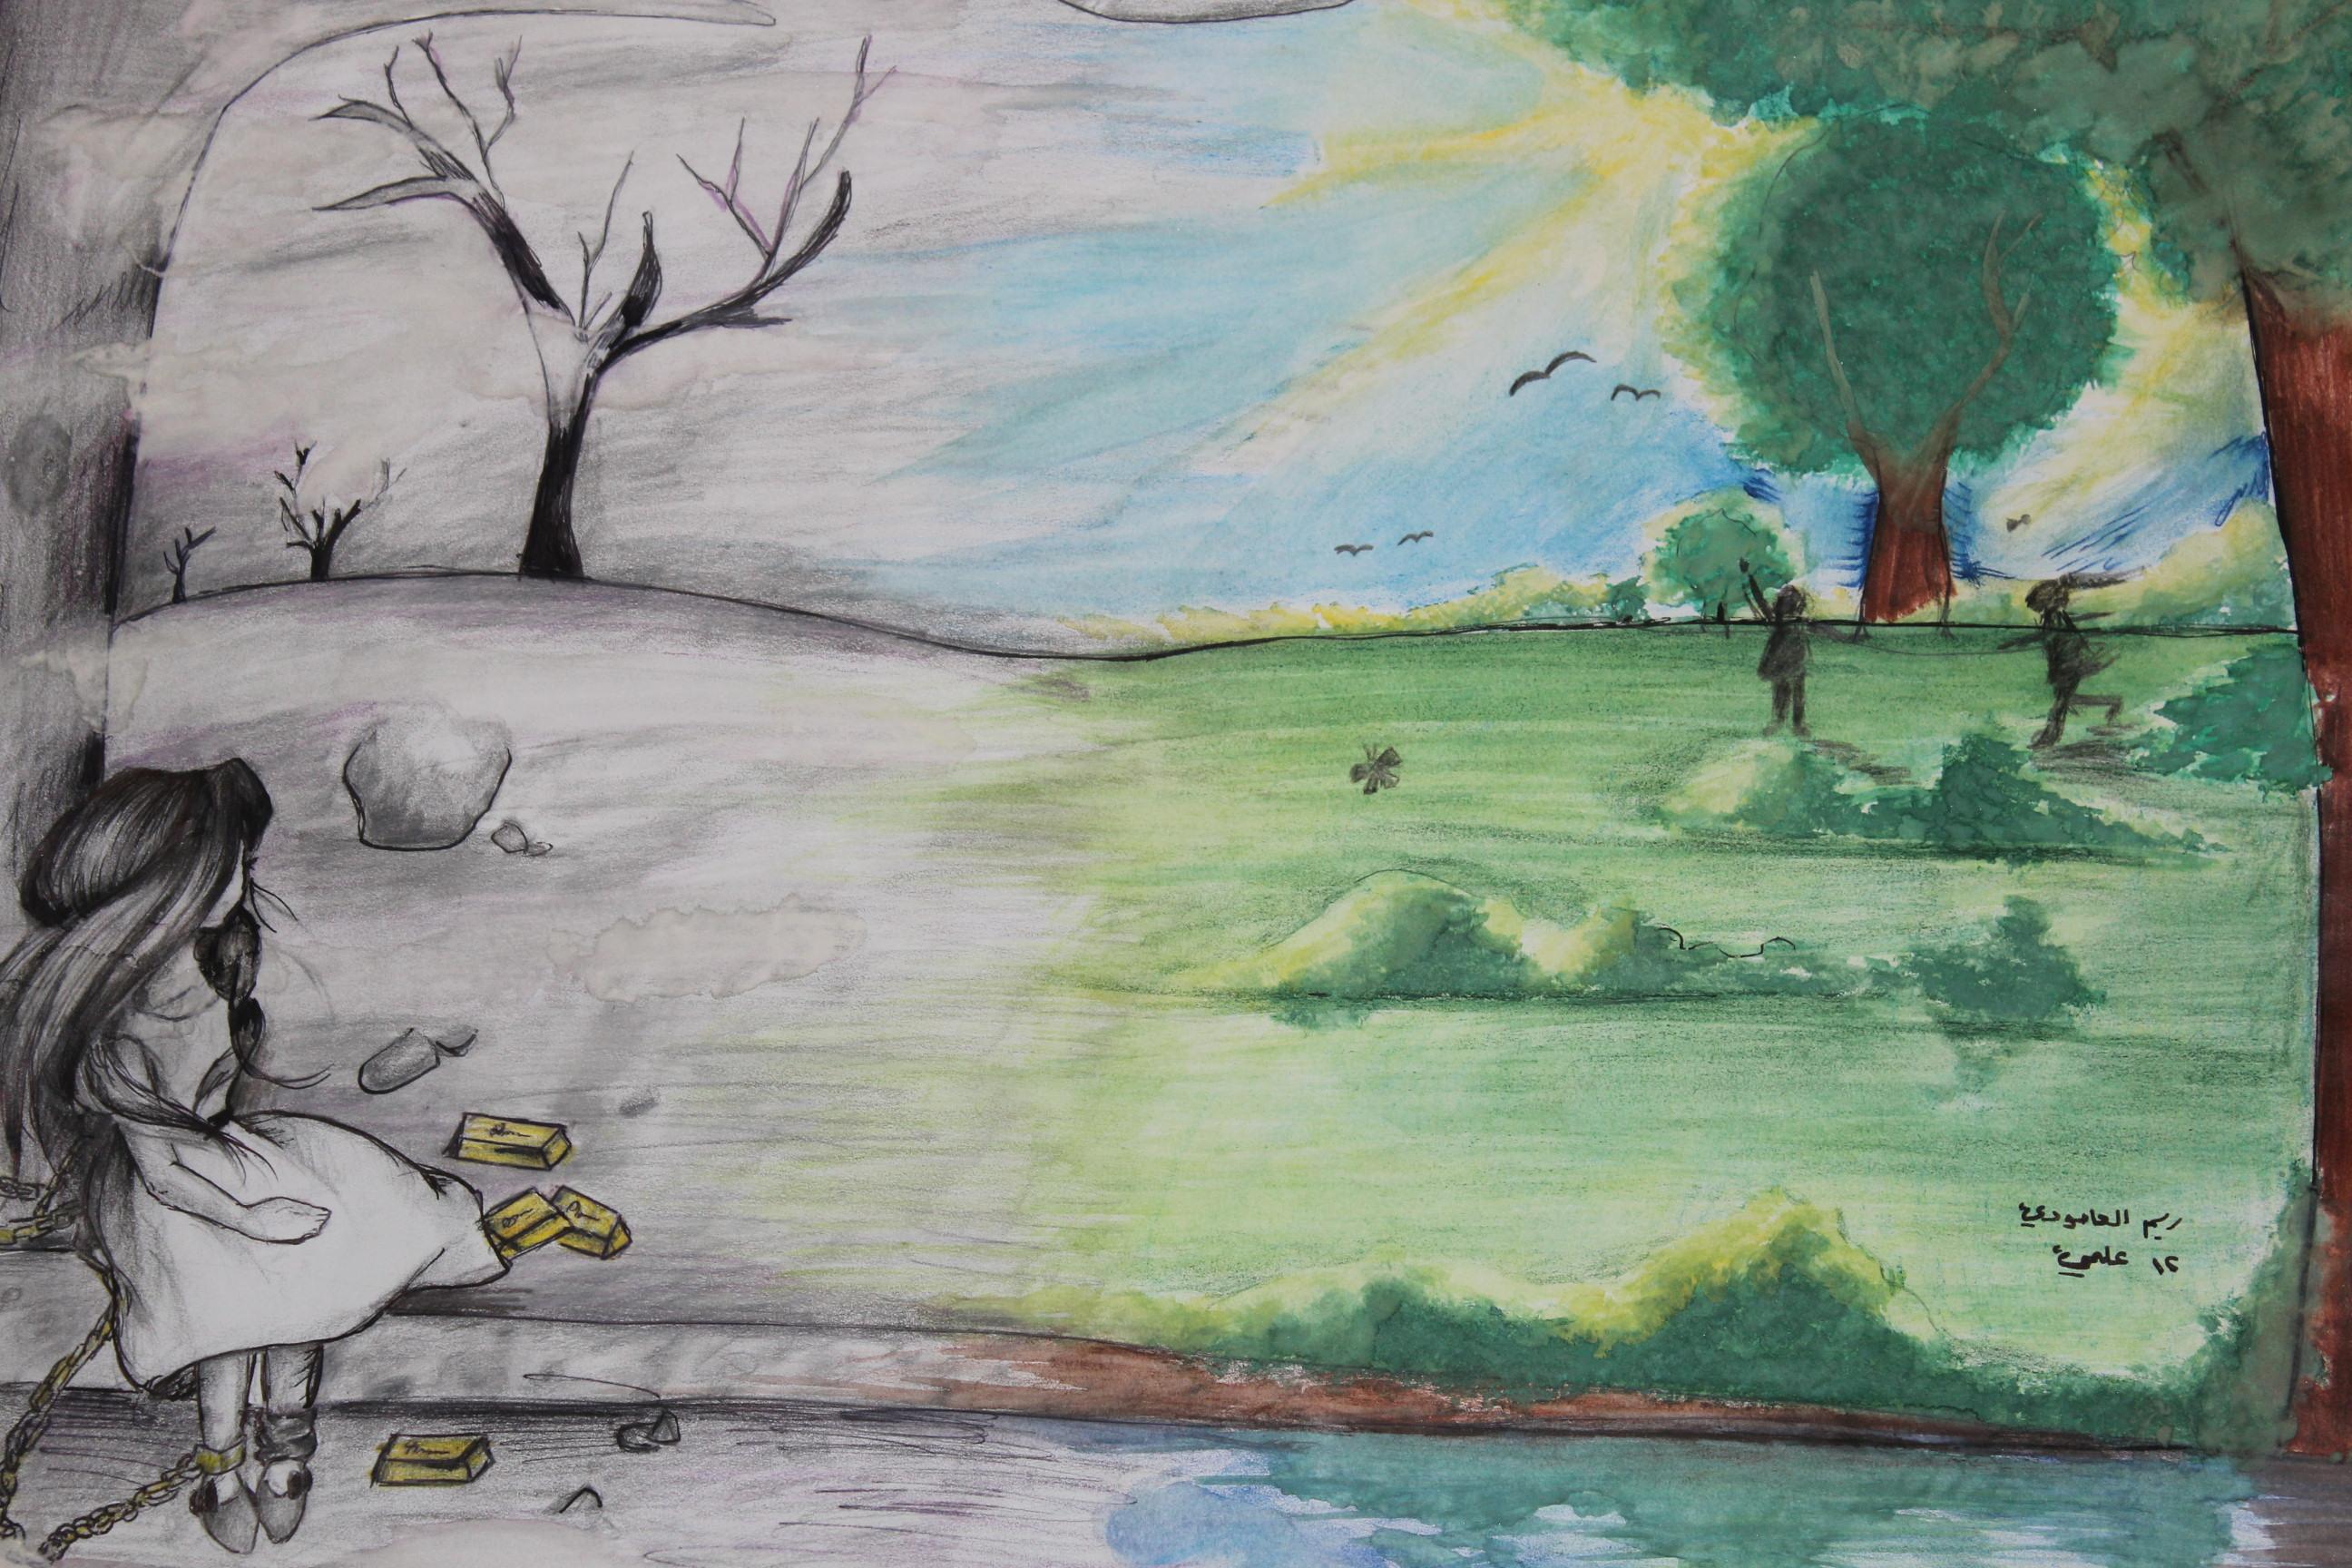 افتتاح فعاليات ورشة الرسم الحر المباشر للطبيعة في اربد